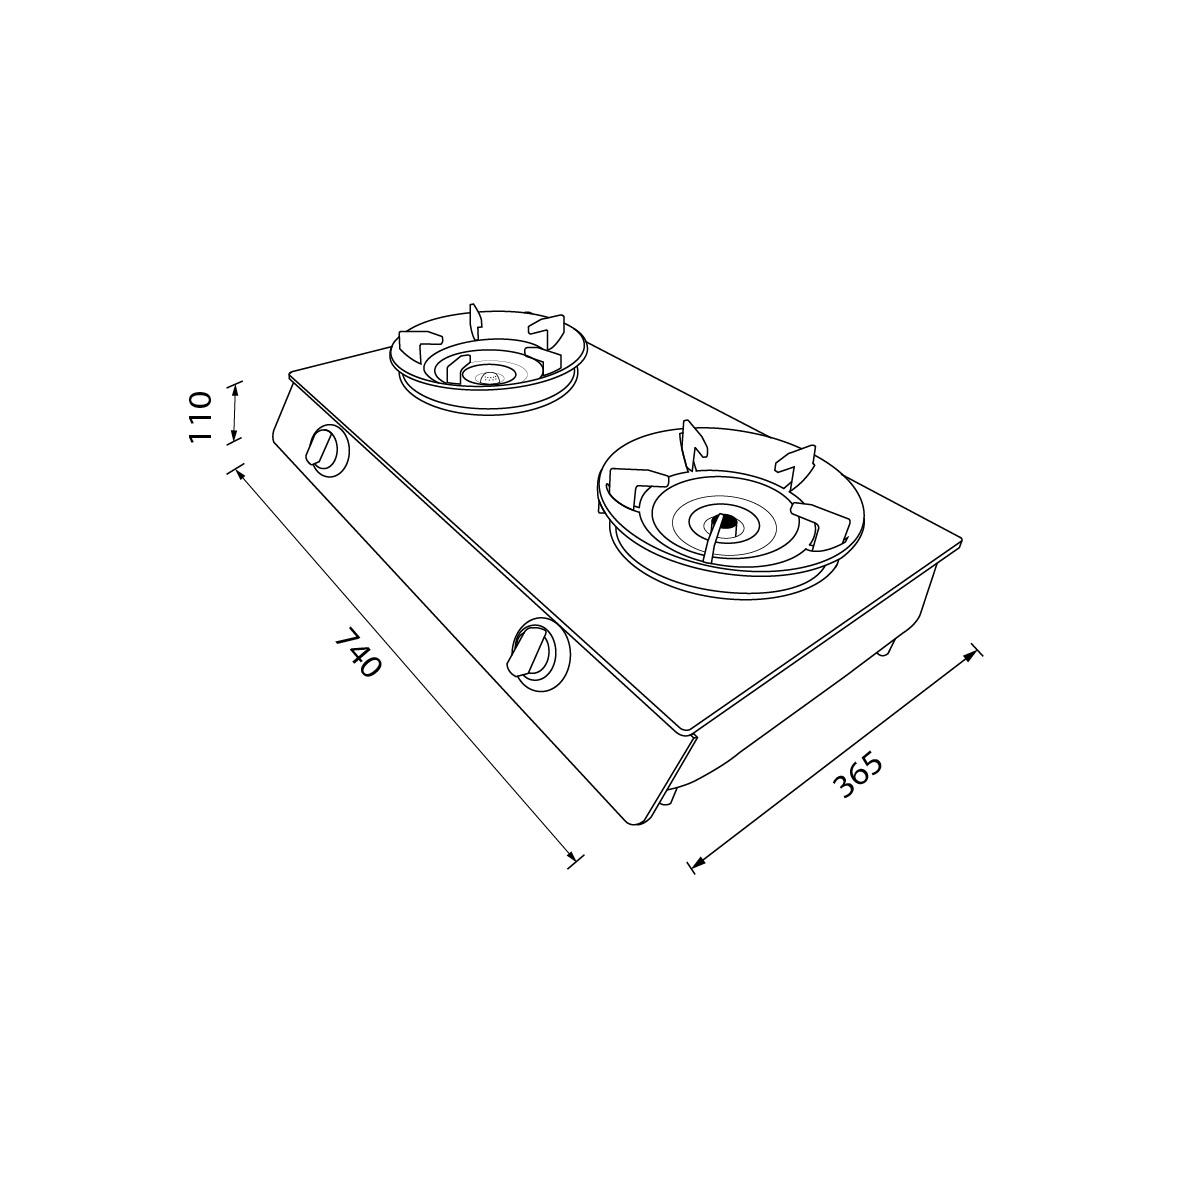 เตาแก๊ส 2 หัว เตาแก๊สตั้งโต๊ะ หัวเตาแก๊สผสมหัวเตาอินฟราเรด  HP75-1Q1SIR/FGB